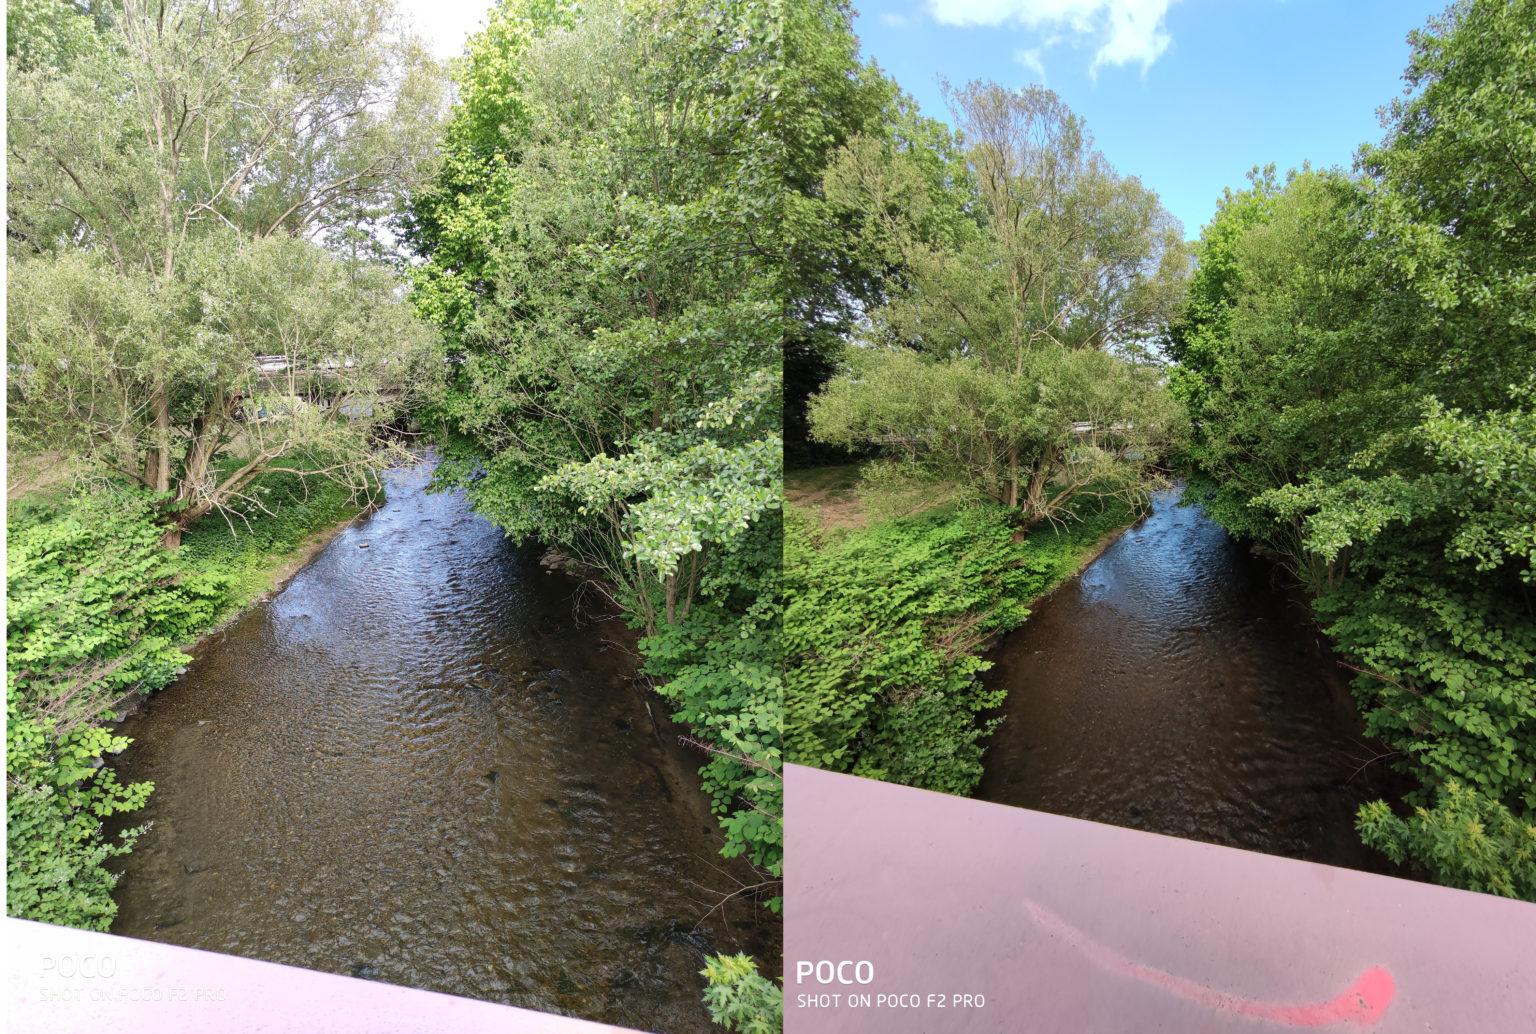 Foto de prueba de el río con el modo normal y ultra gran angular de la cámara principal del Pocophone F2 Pro